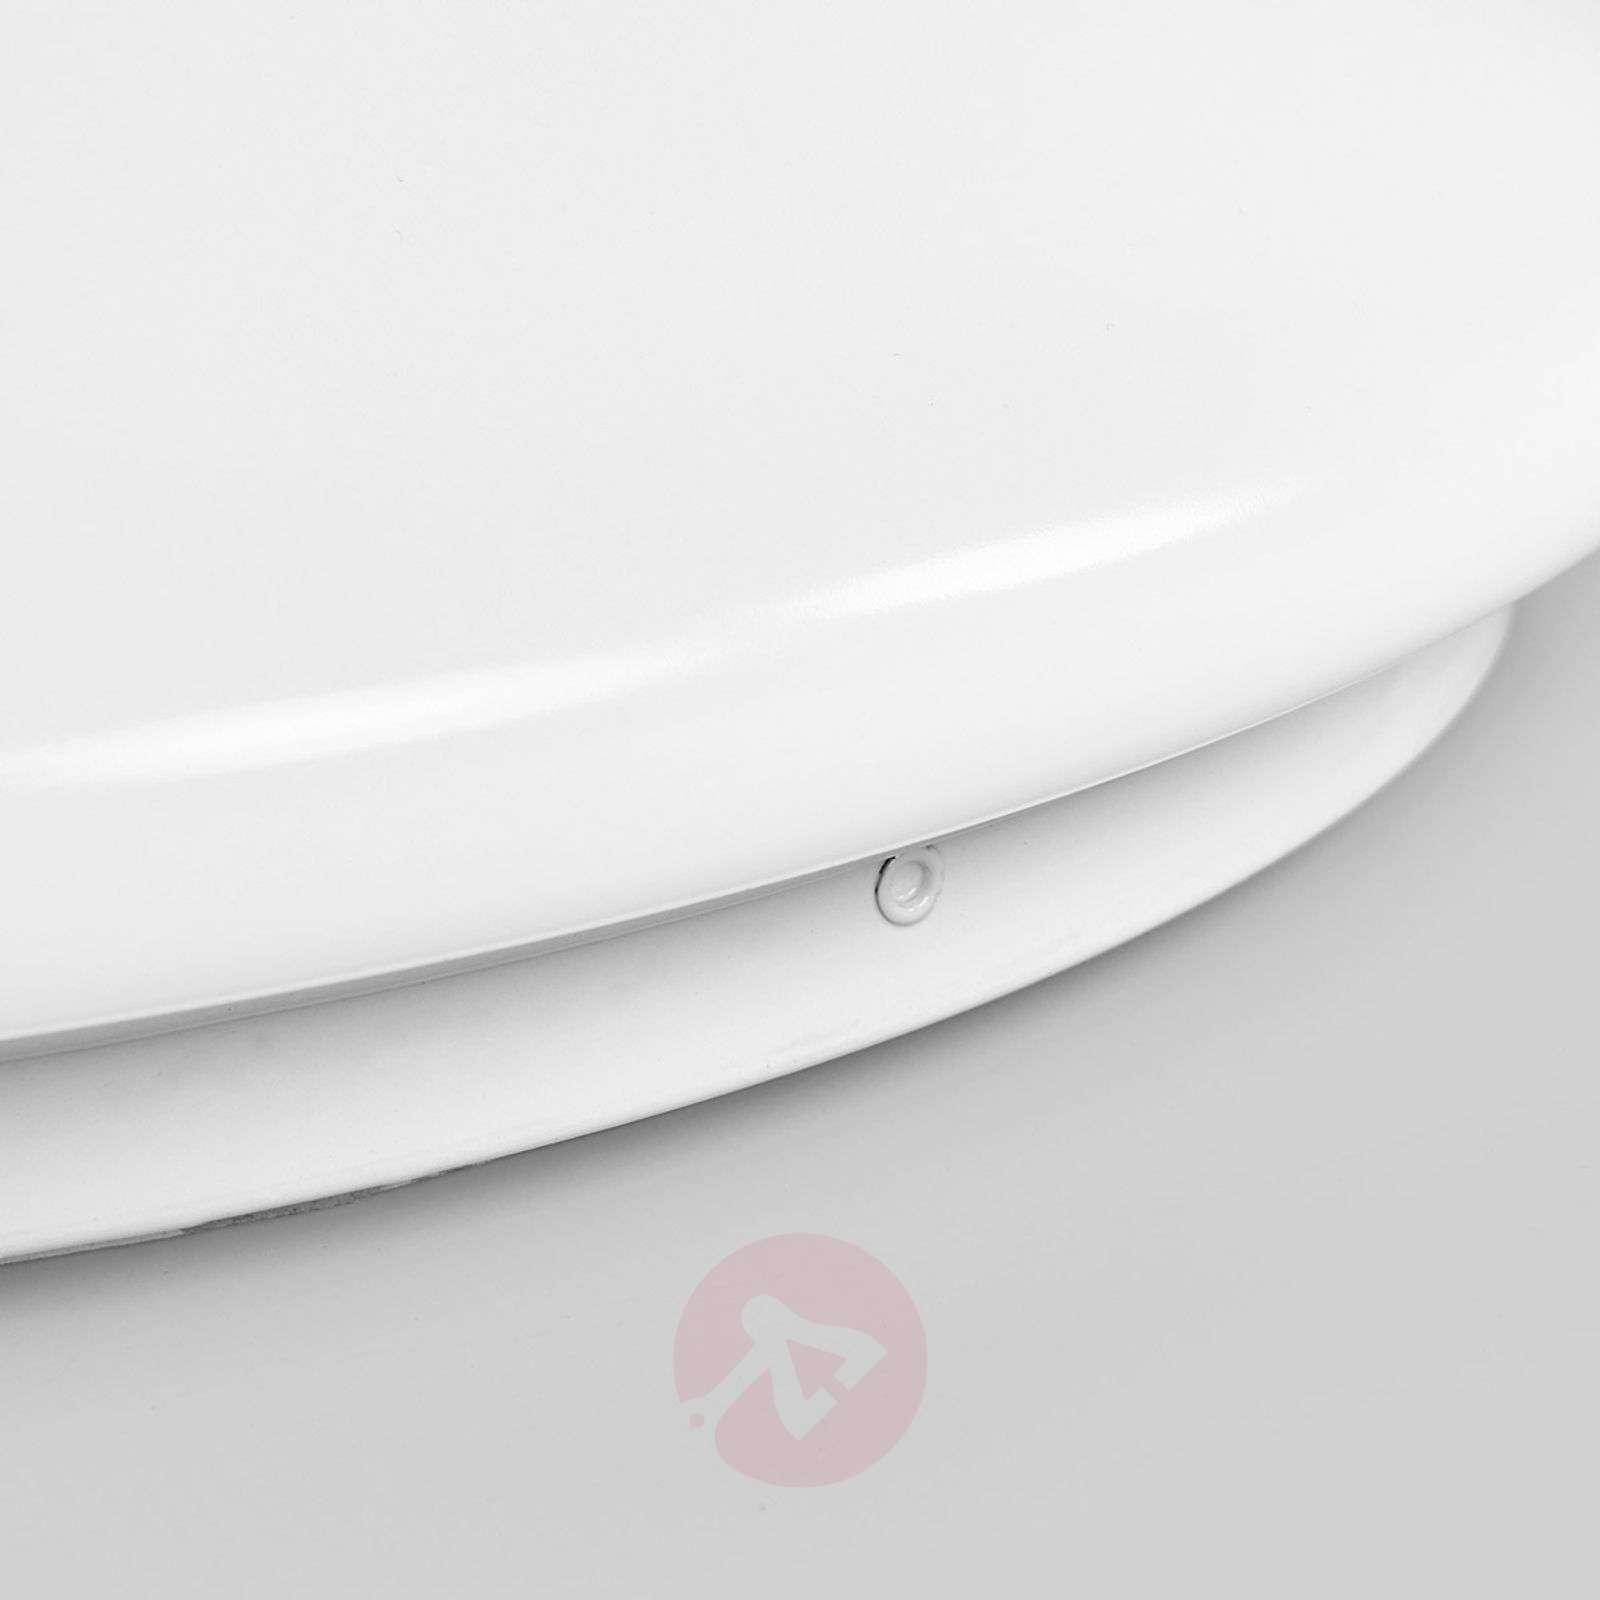 Selveta LED ceiling light for bathrooms, 35 cm-9945031-01